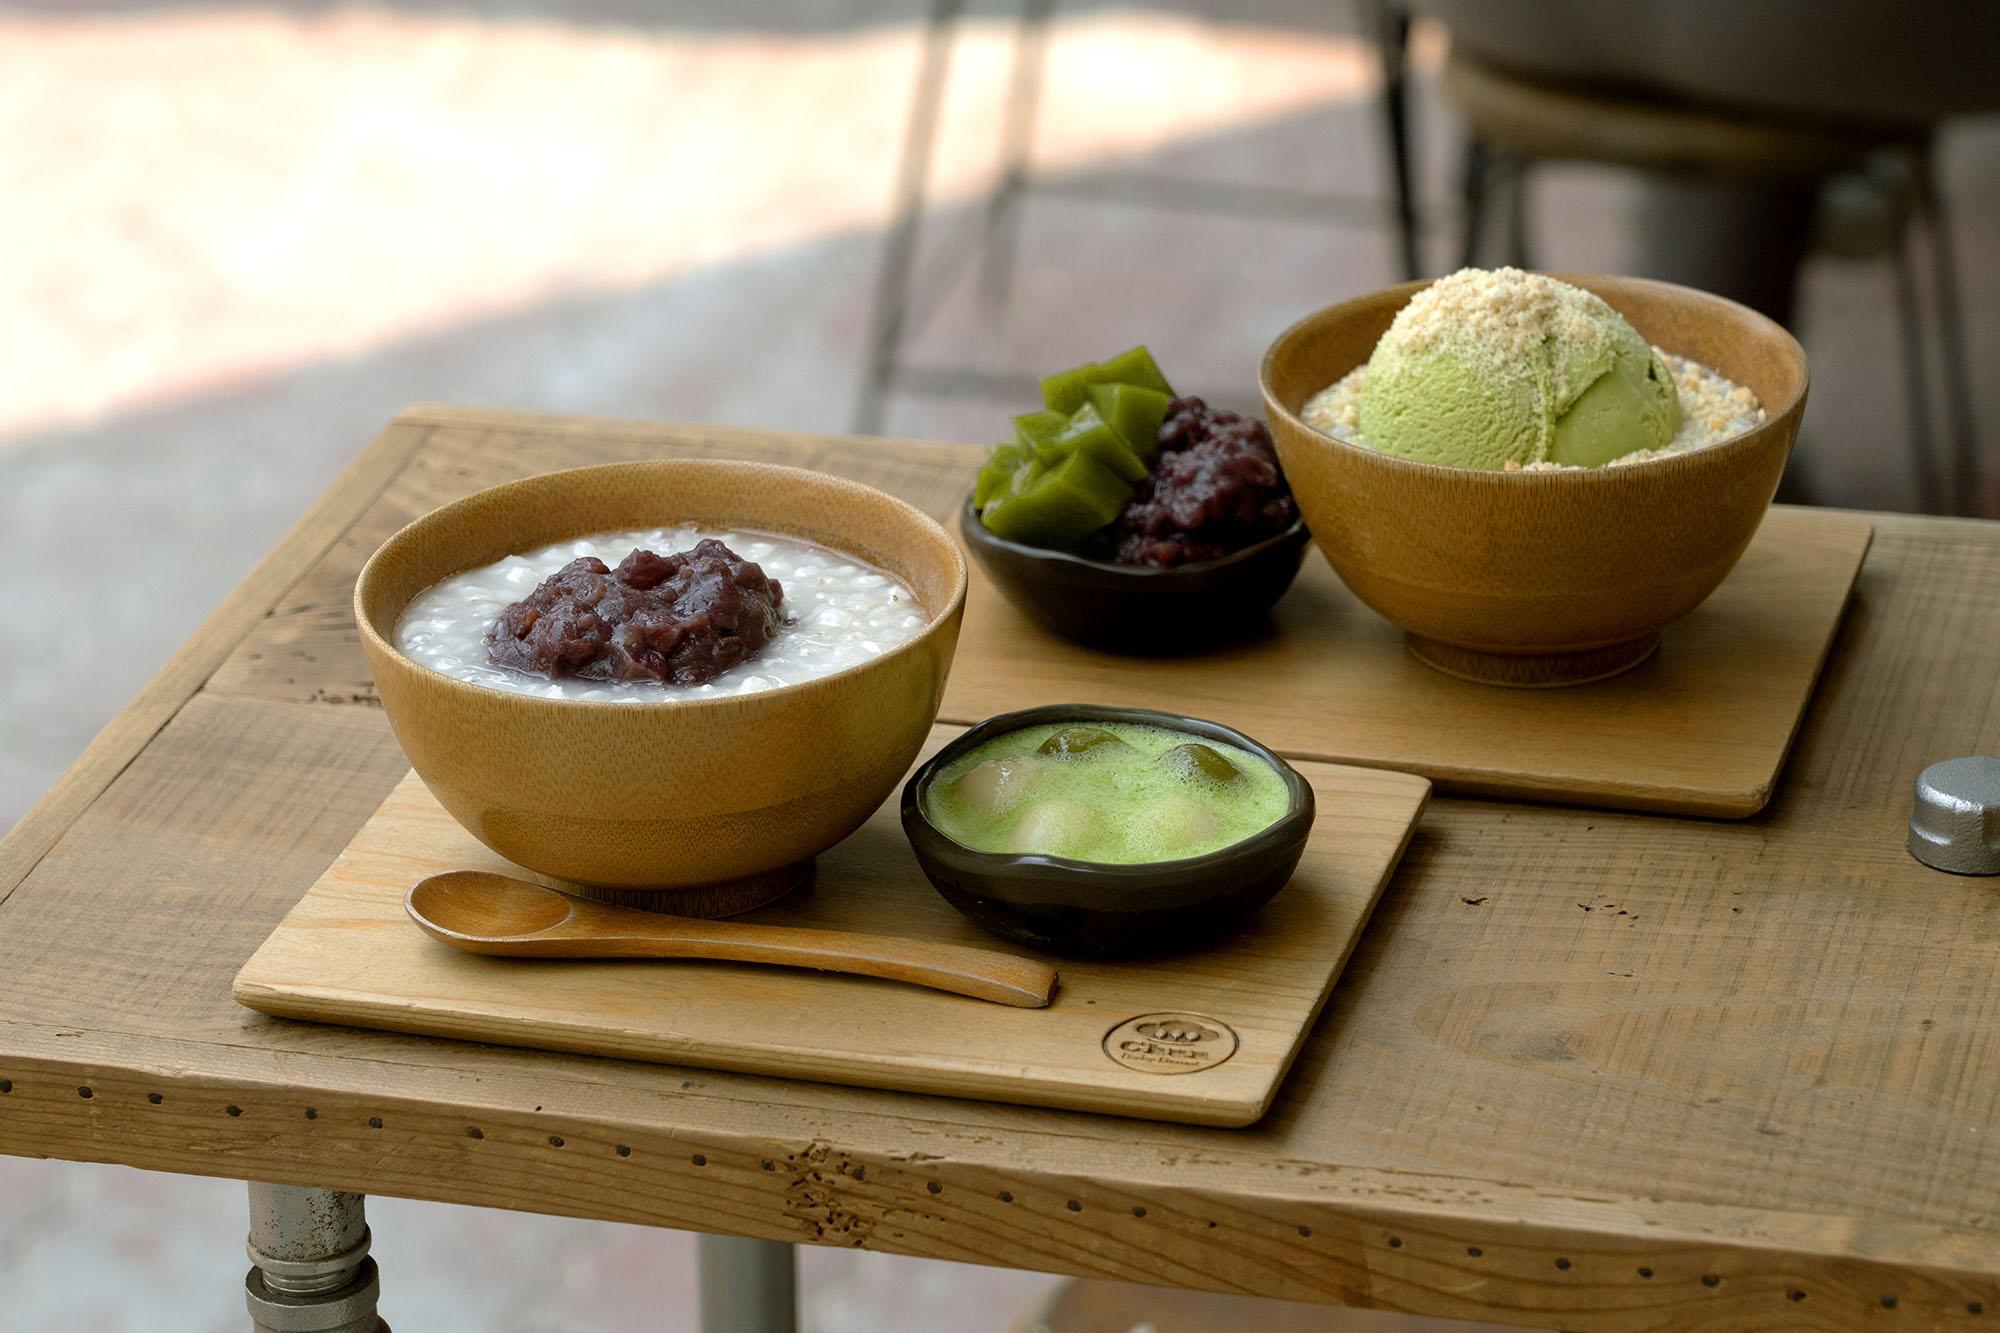 台南 Chun純薏仁。甜點 療癒入心的台南式甜品。